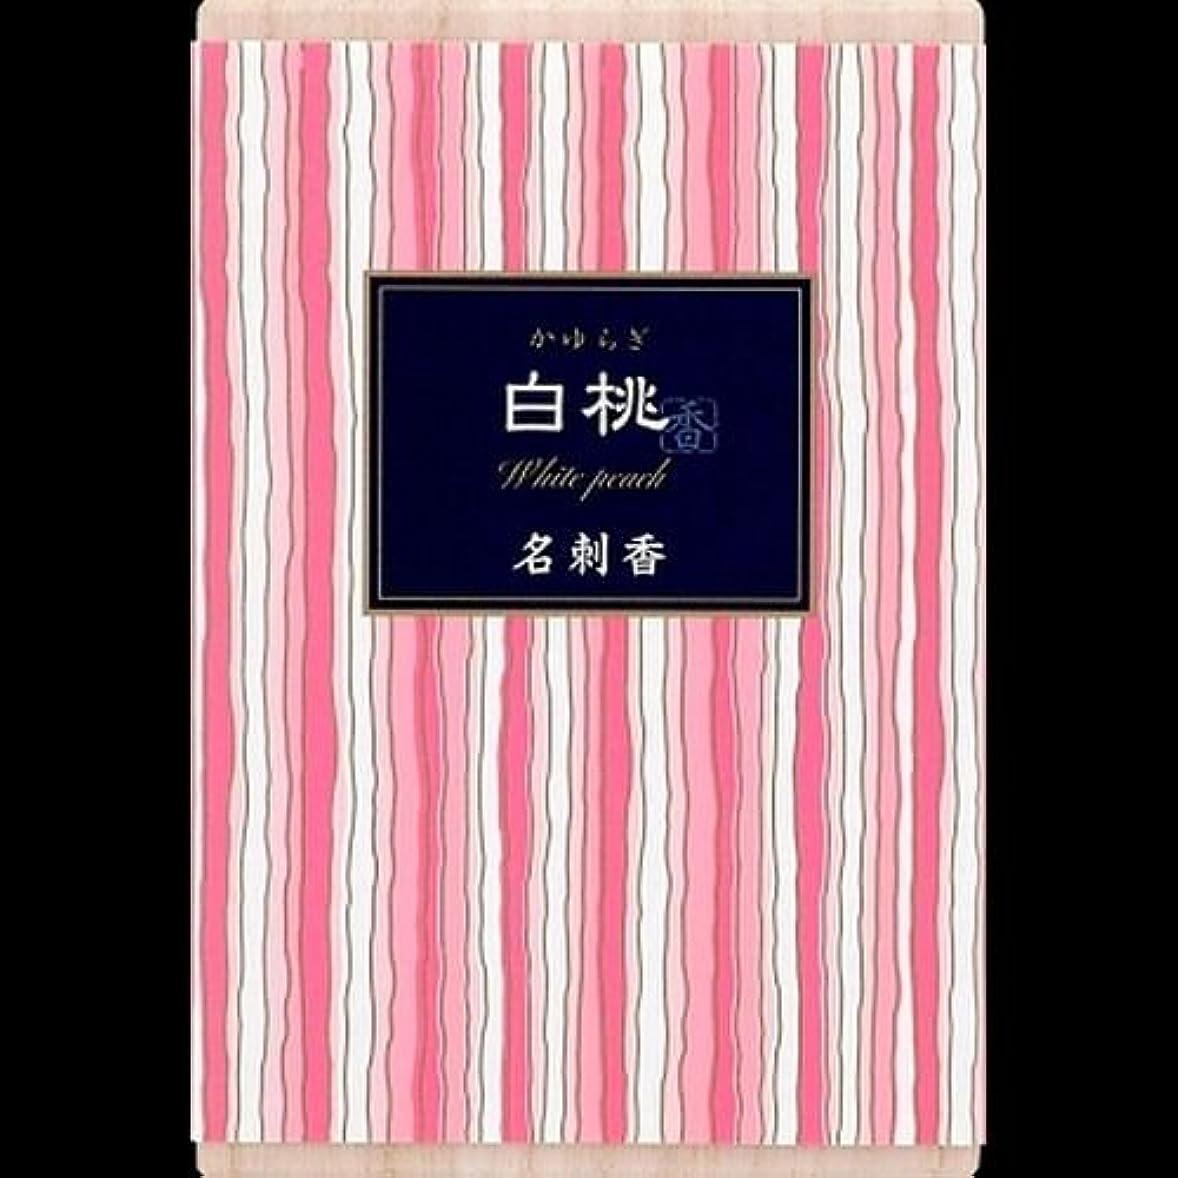 ハングウェブ出会い【まとめ買い】かゆらぎ 白桃 名刺香 桐箱 6入 ×2セット